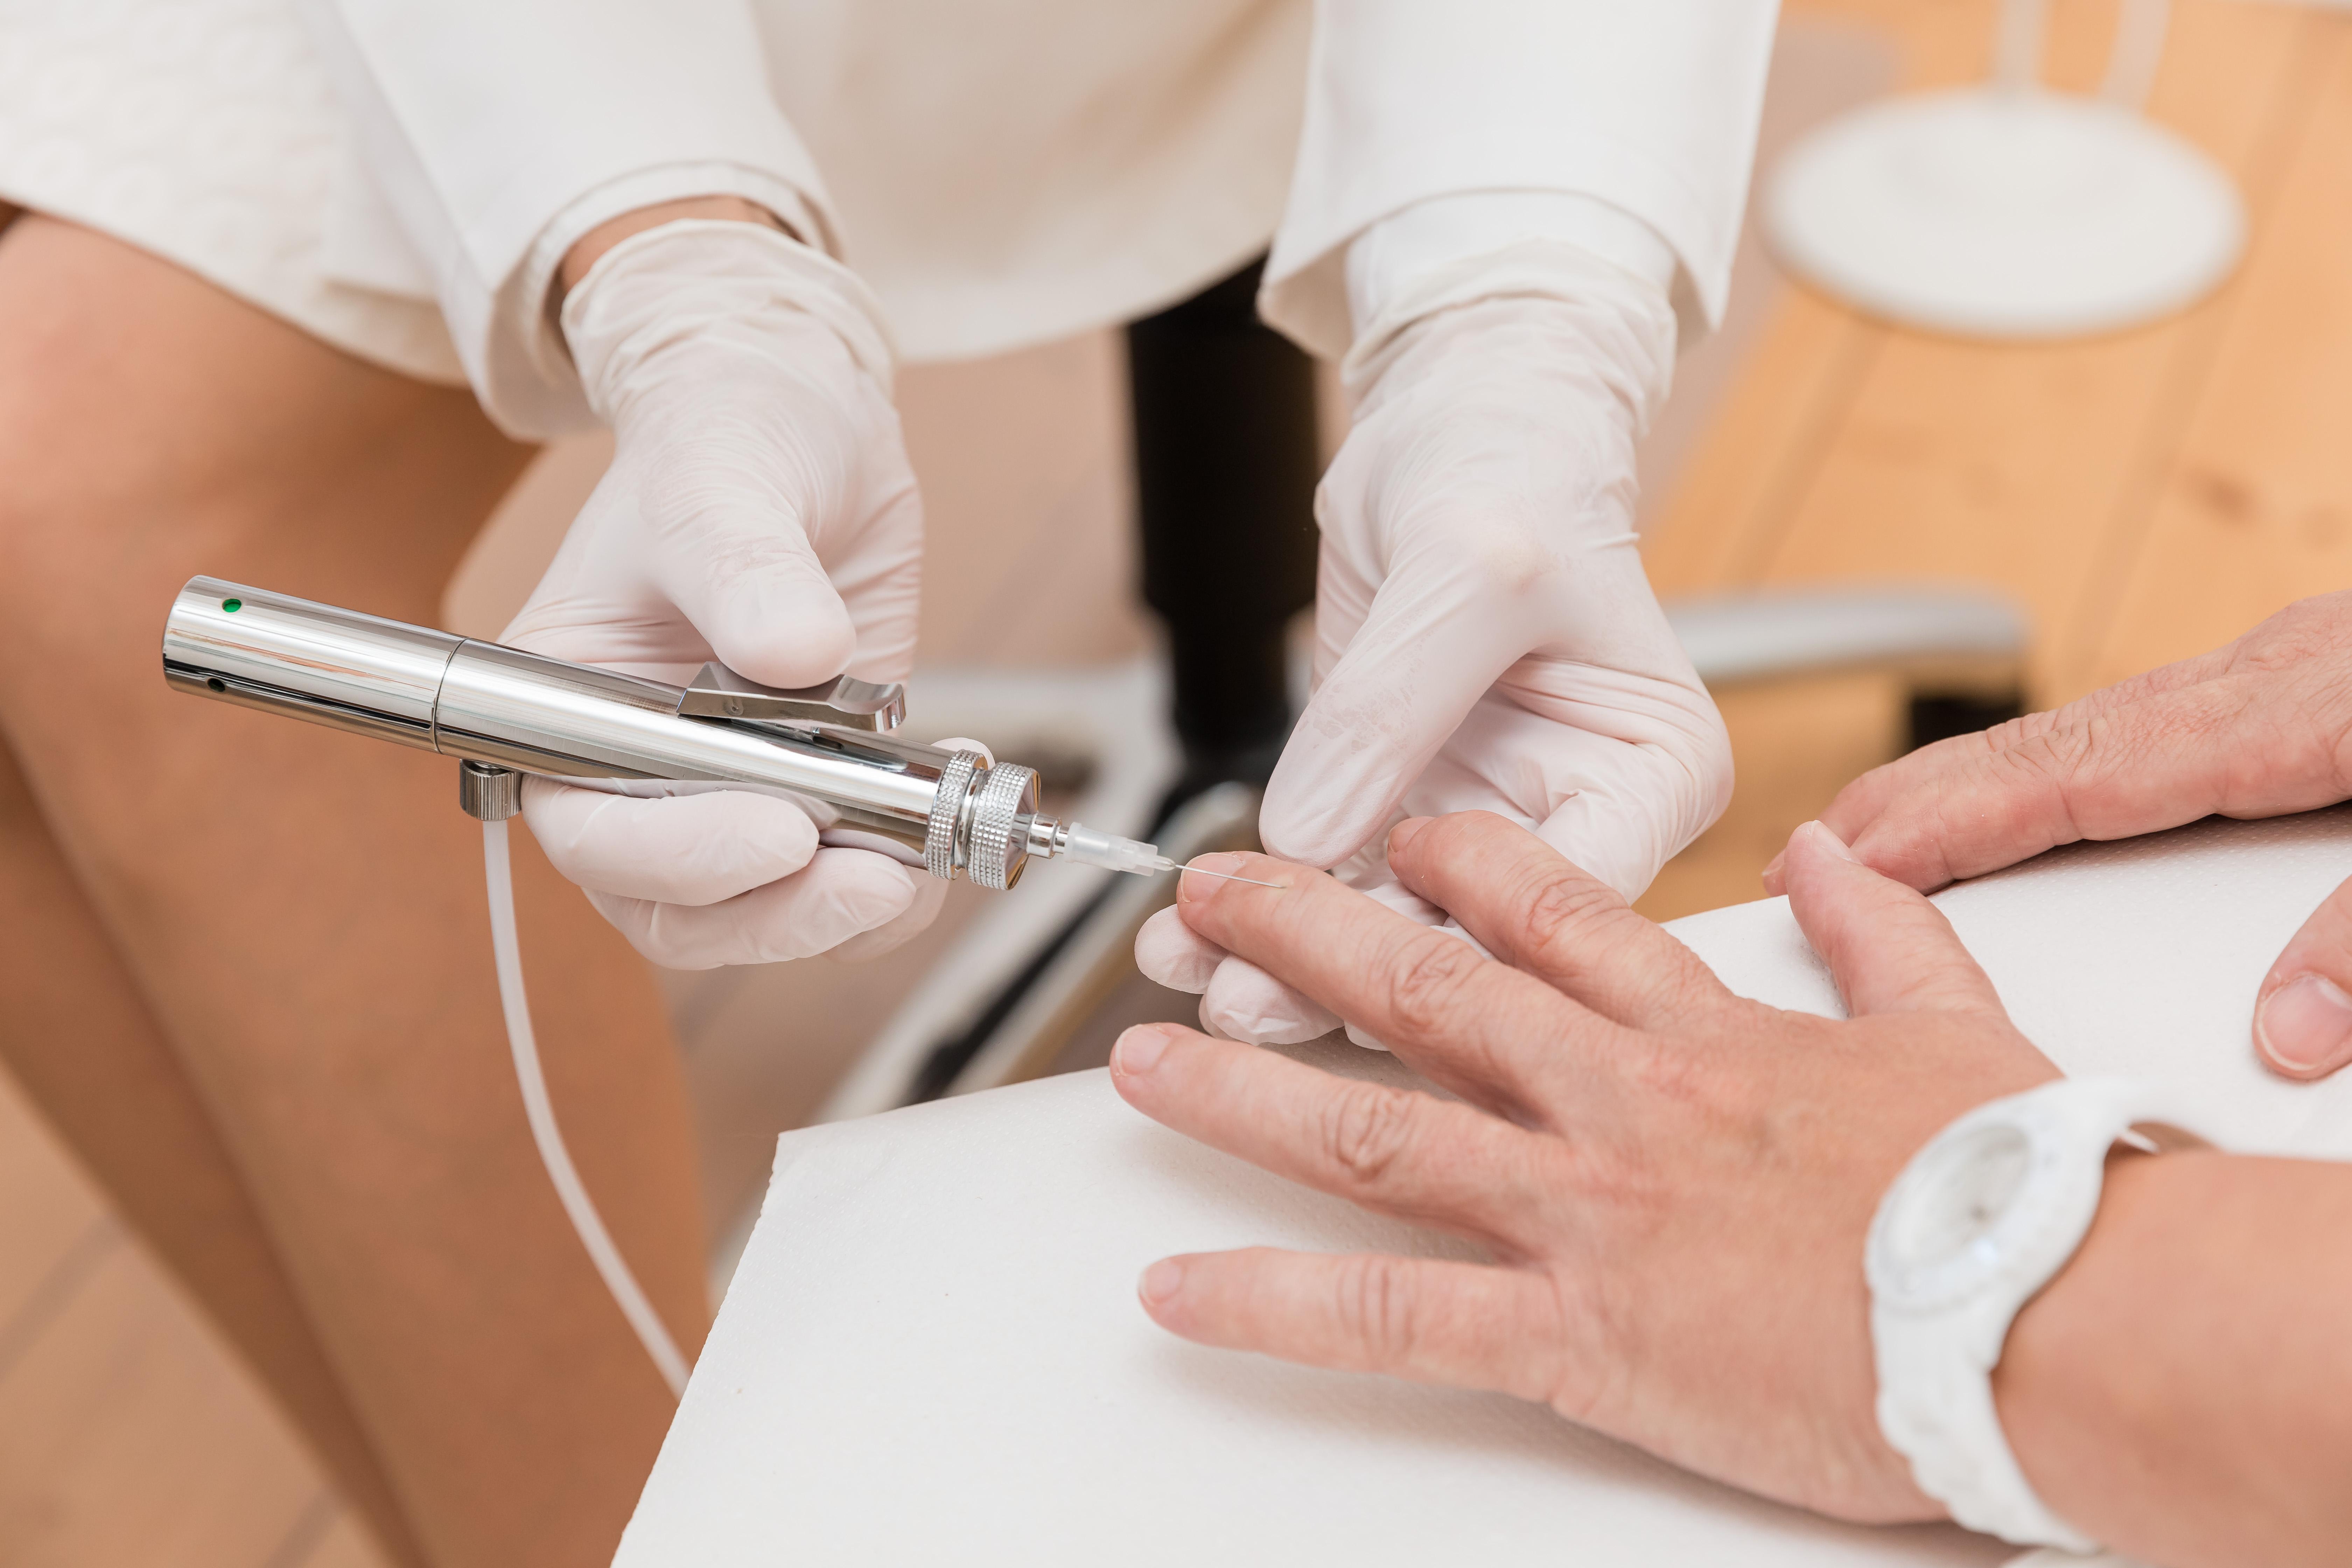 Privatarztpraxis Integrative Medizin – Mesotherapie in Braunschweig.